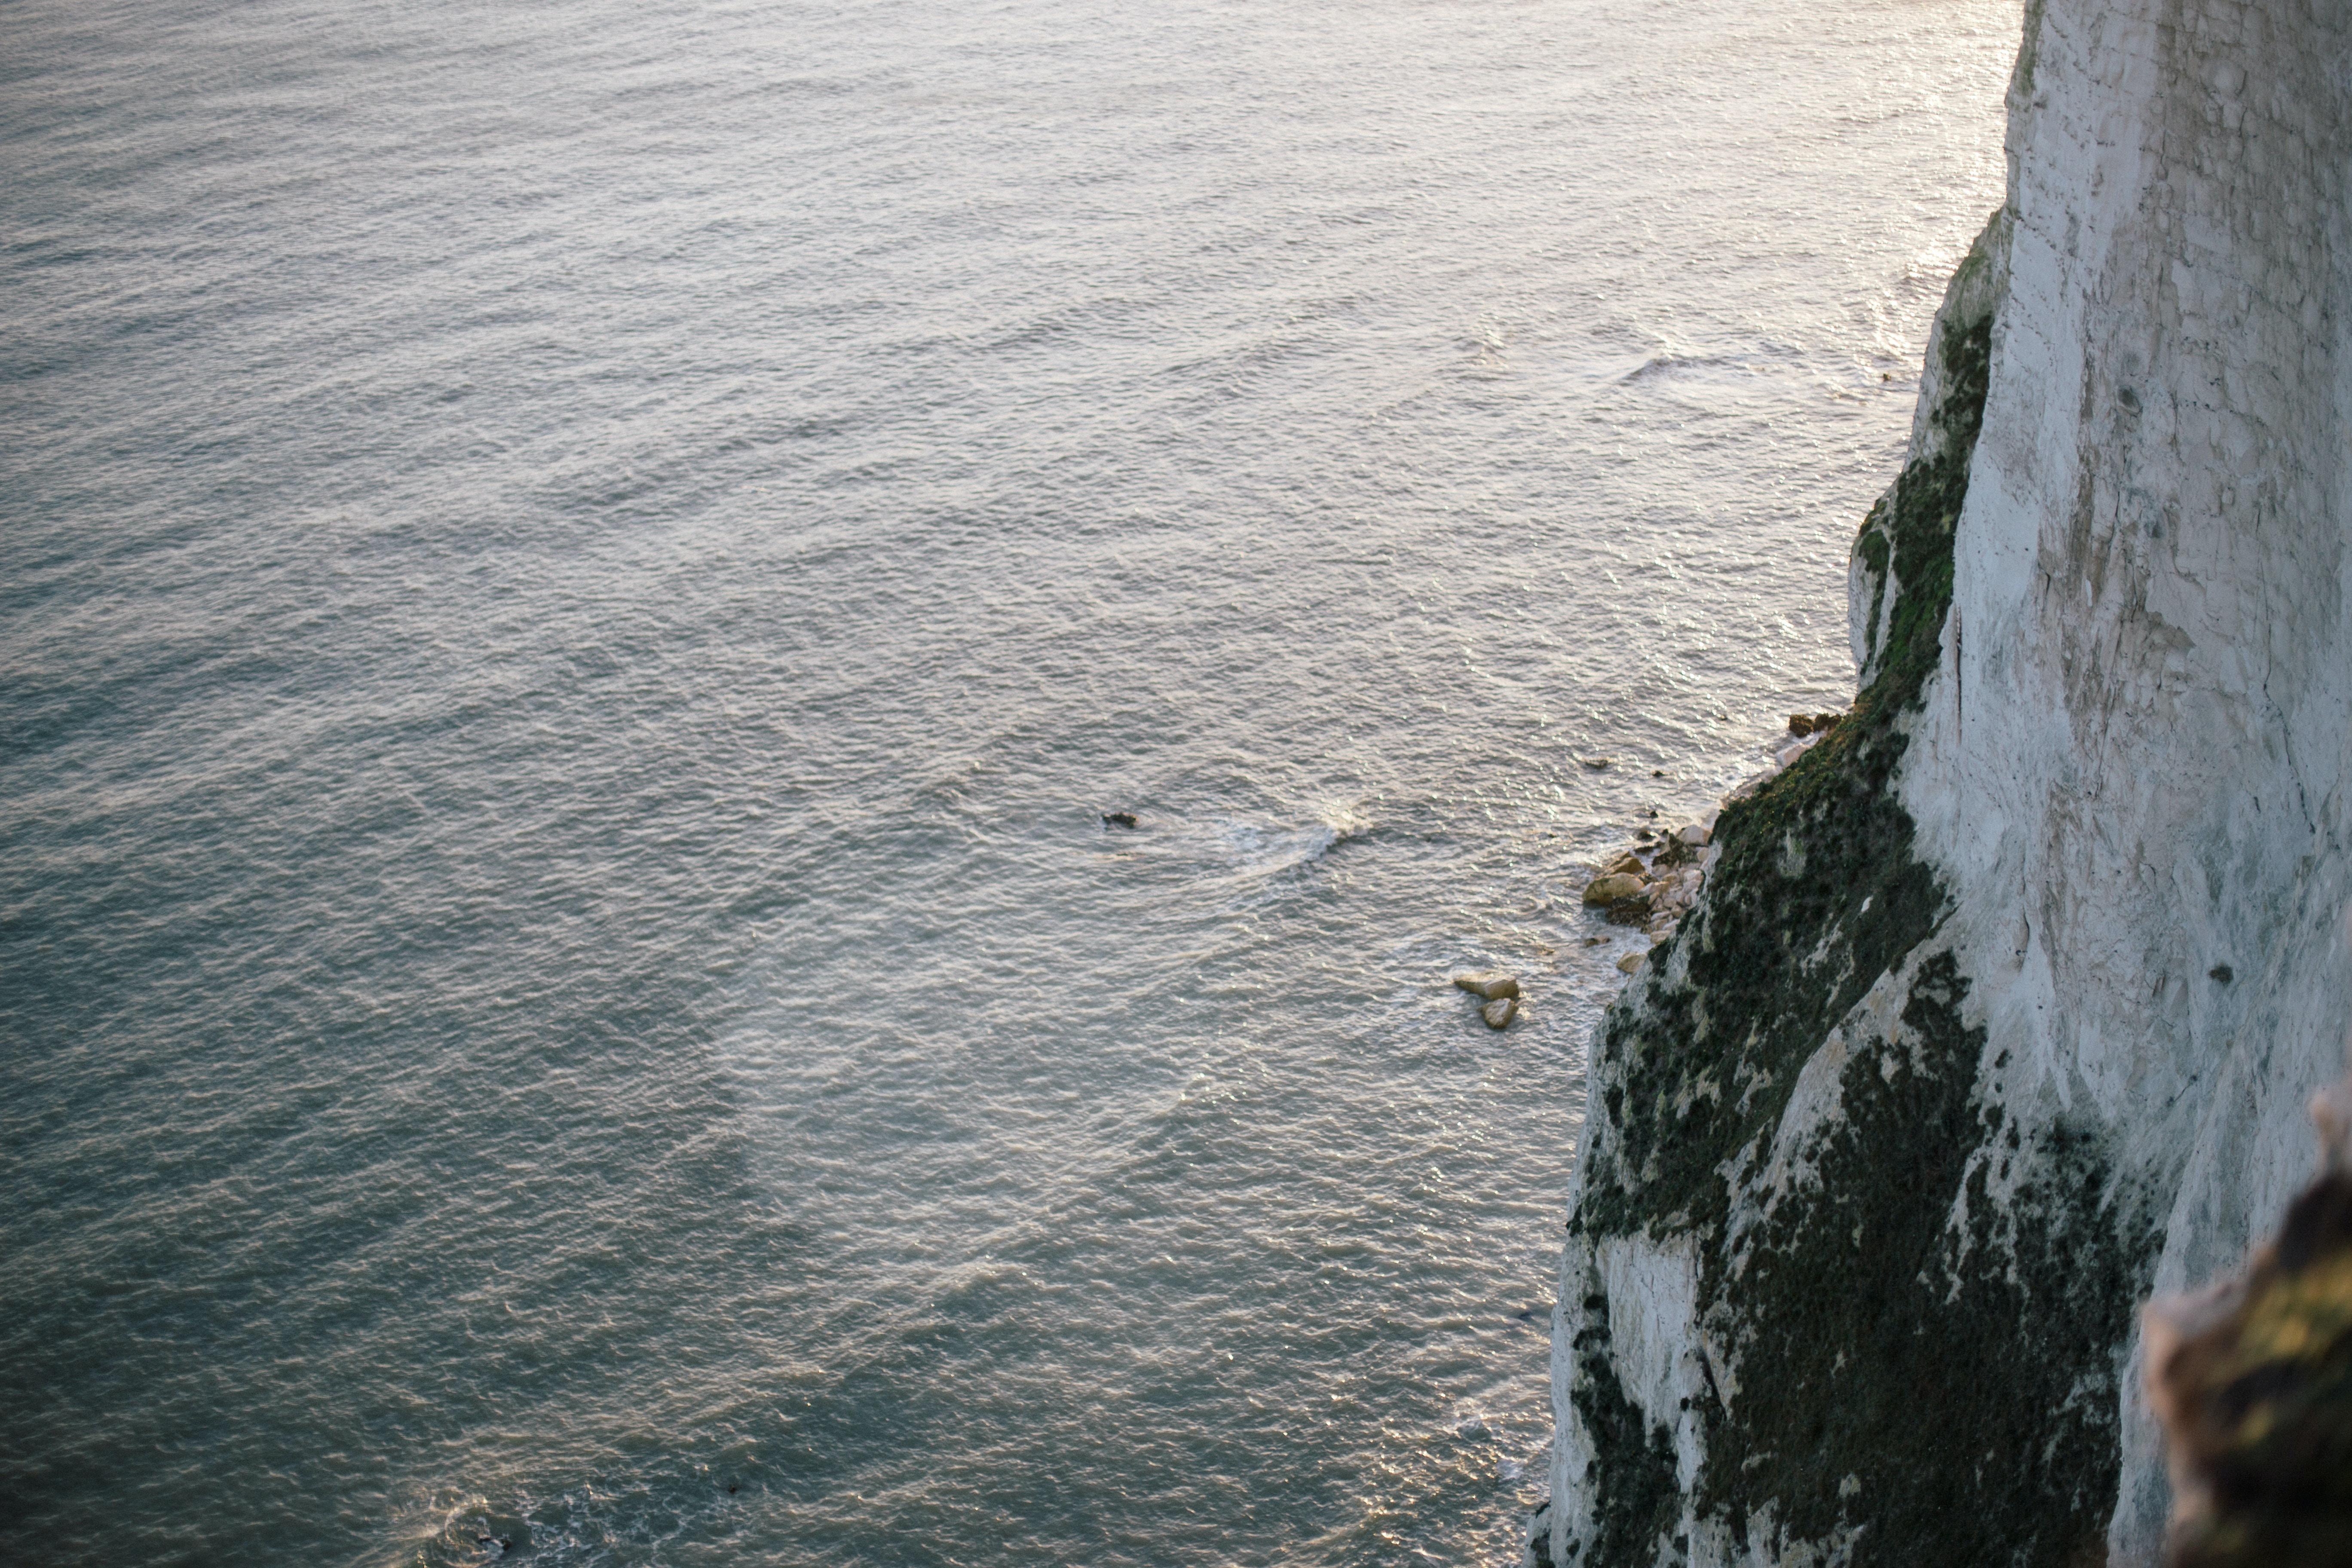 white rocky mountain next to ocean